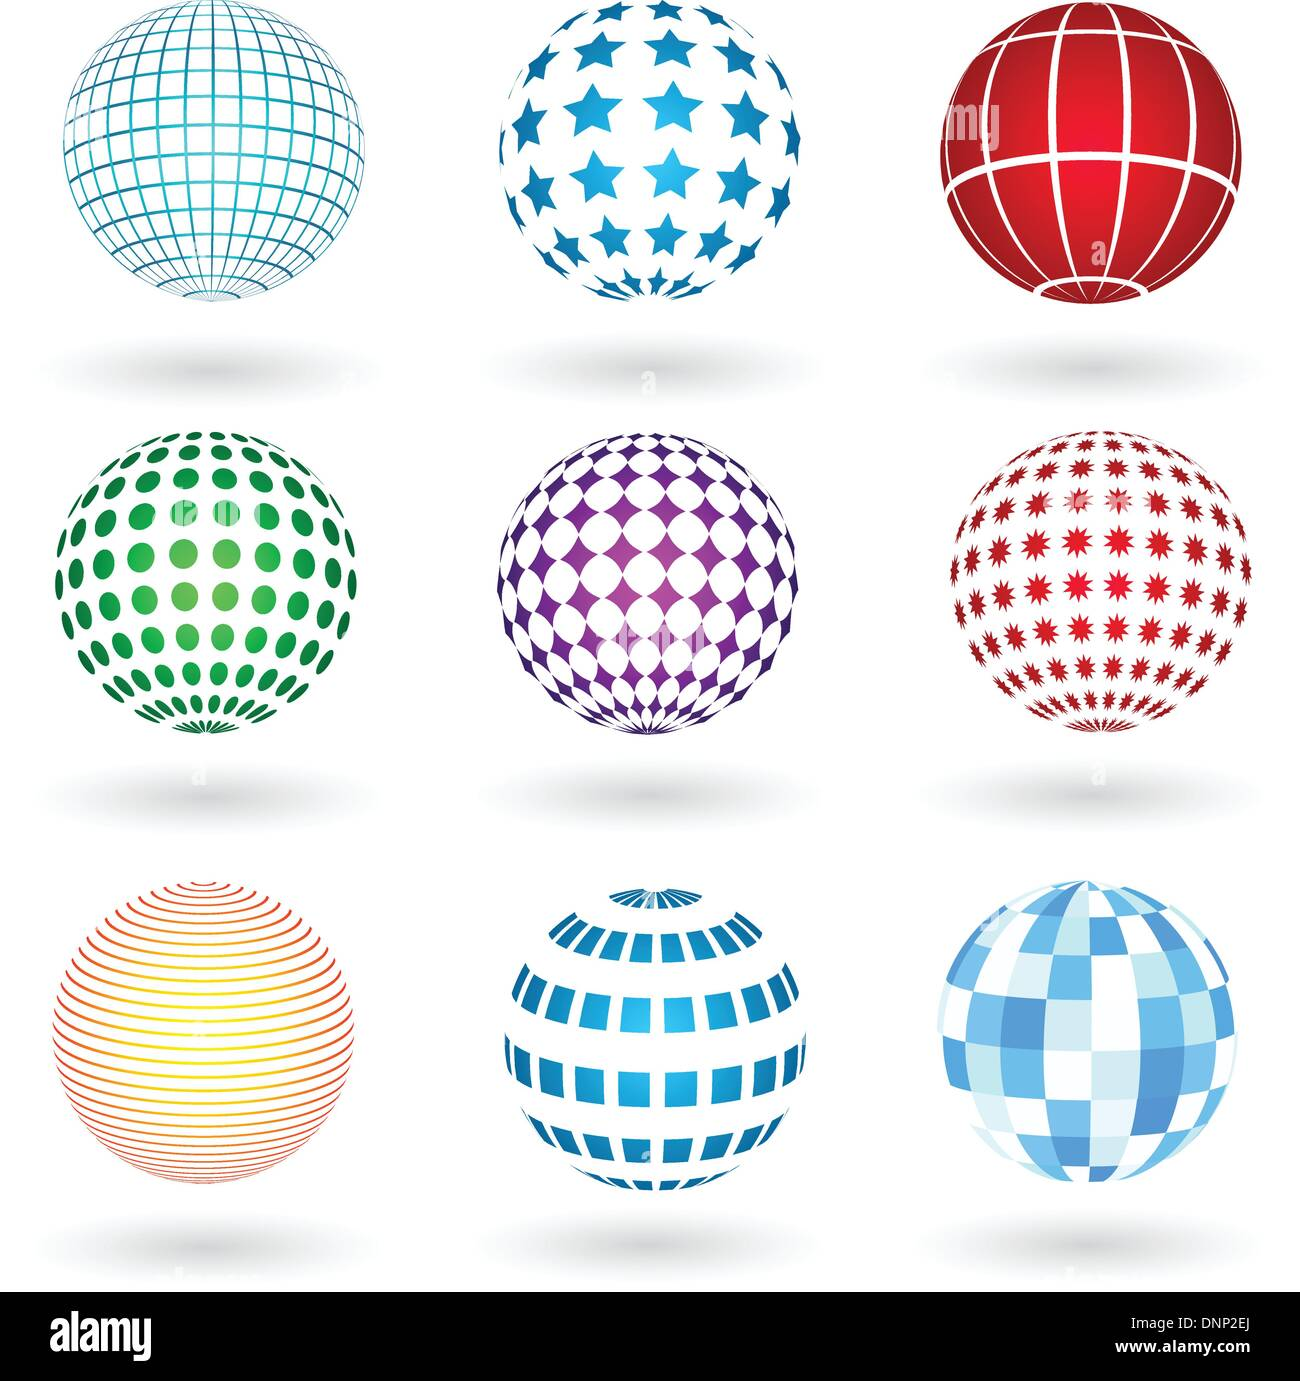 Esferas con varios diseños Imagen De Stock